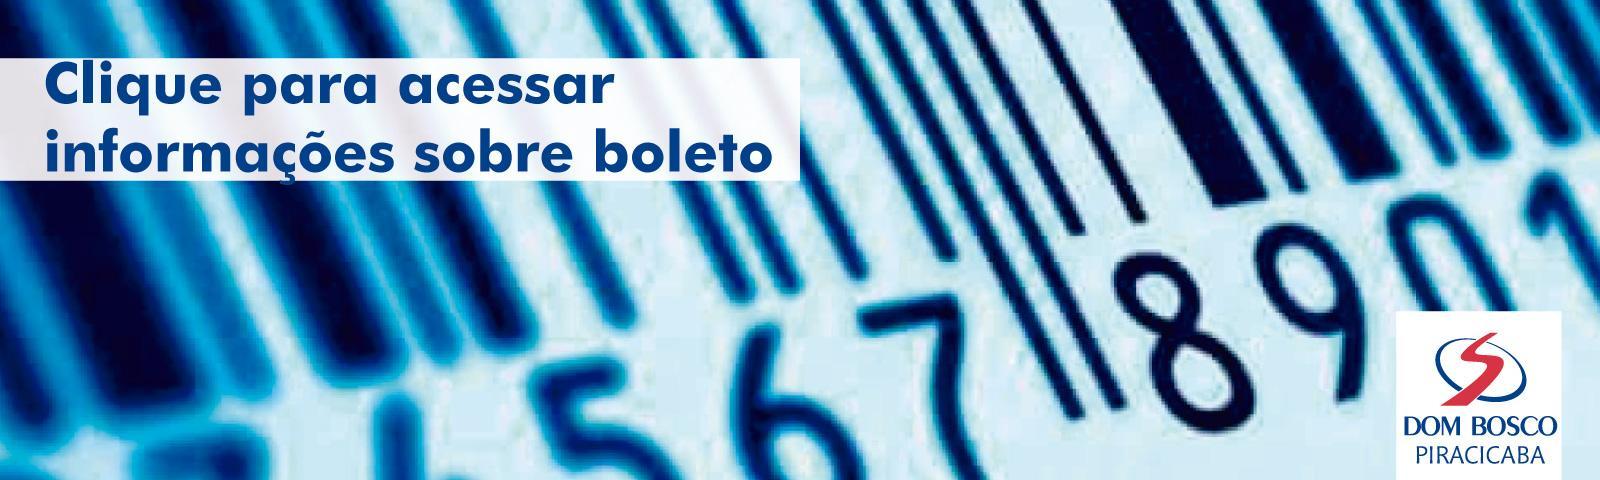 images/2018/02/88-fullhd-informacoes-sobre-boletos.jpg